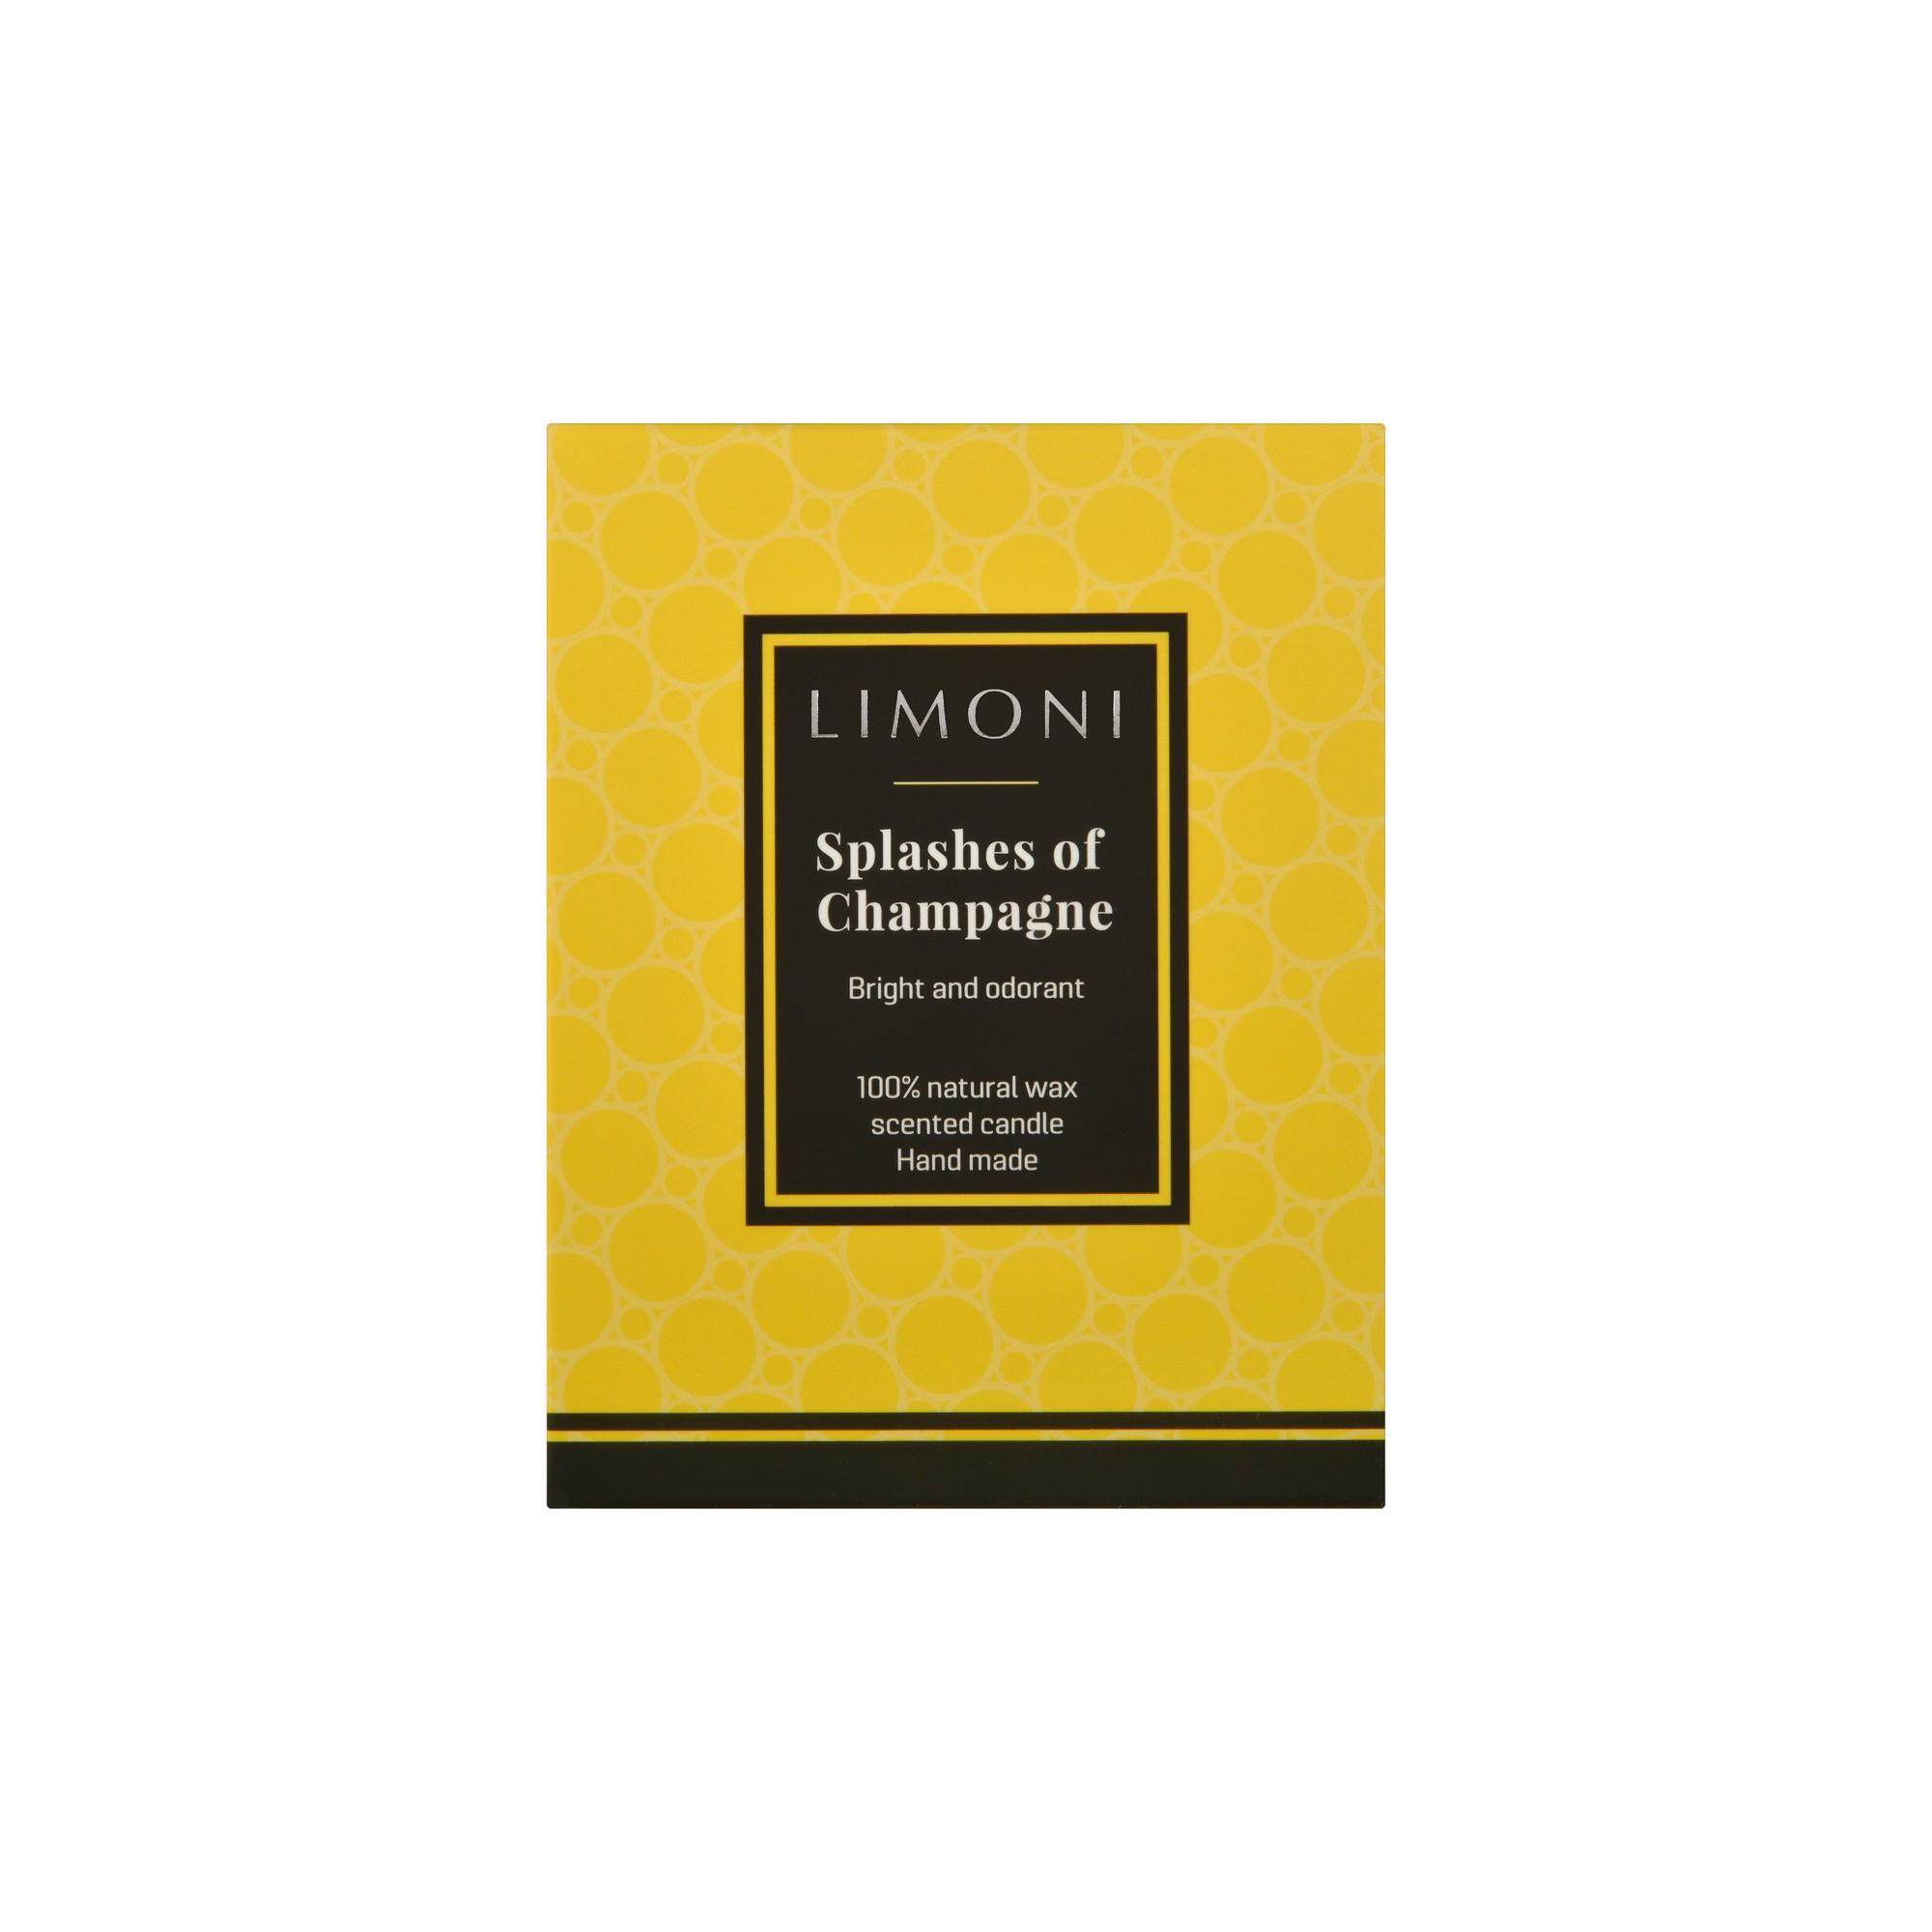 LIMONI Свеча ароматическая Брызги шампанского / LIMONI Splashes of champagne, 160 г от Галерея Косметики